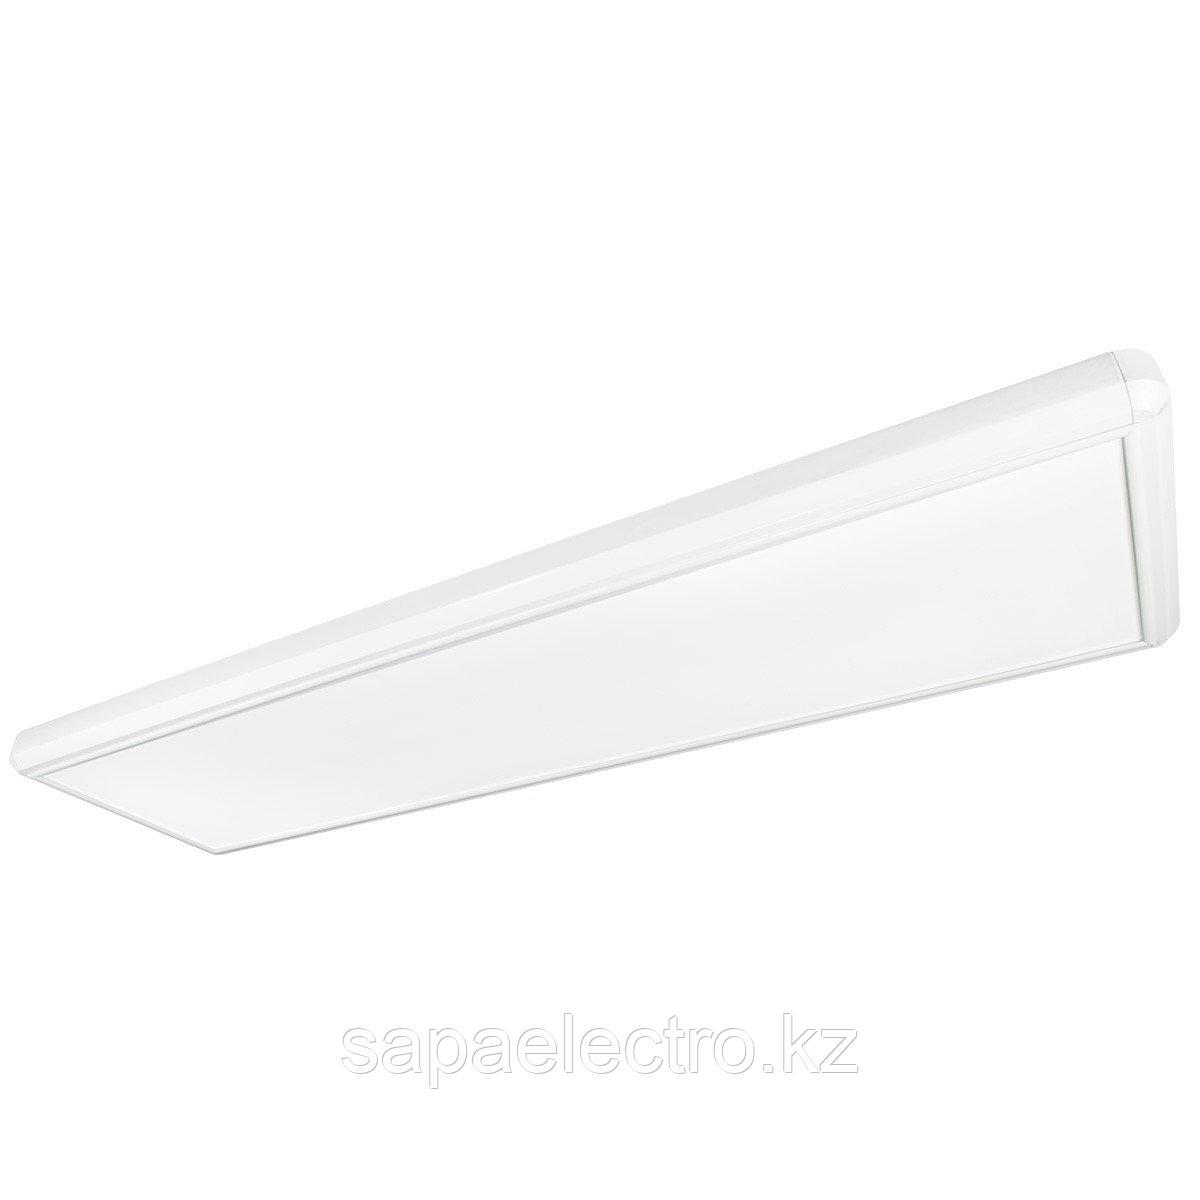 Св-к OPALLED 4X9W/LZN 236 DETAY накл-й MEGALUX